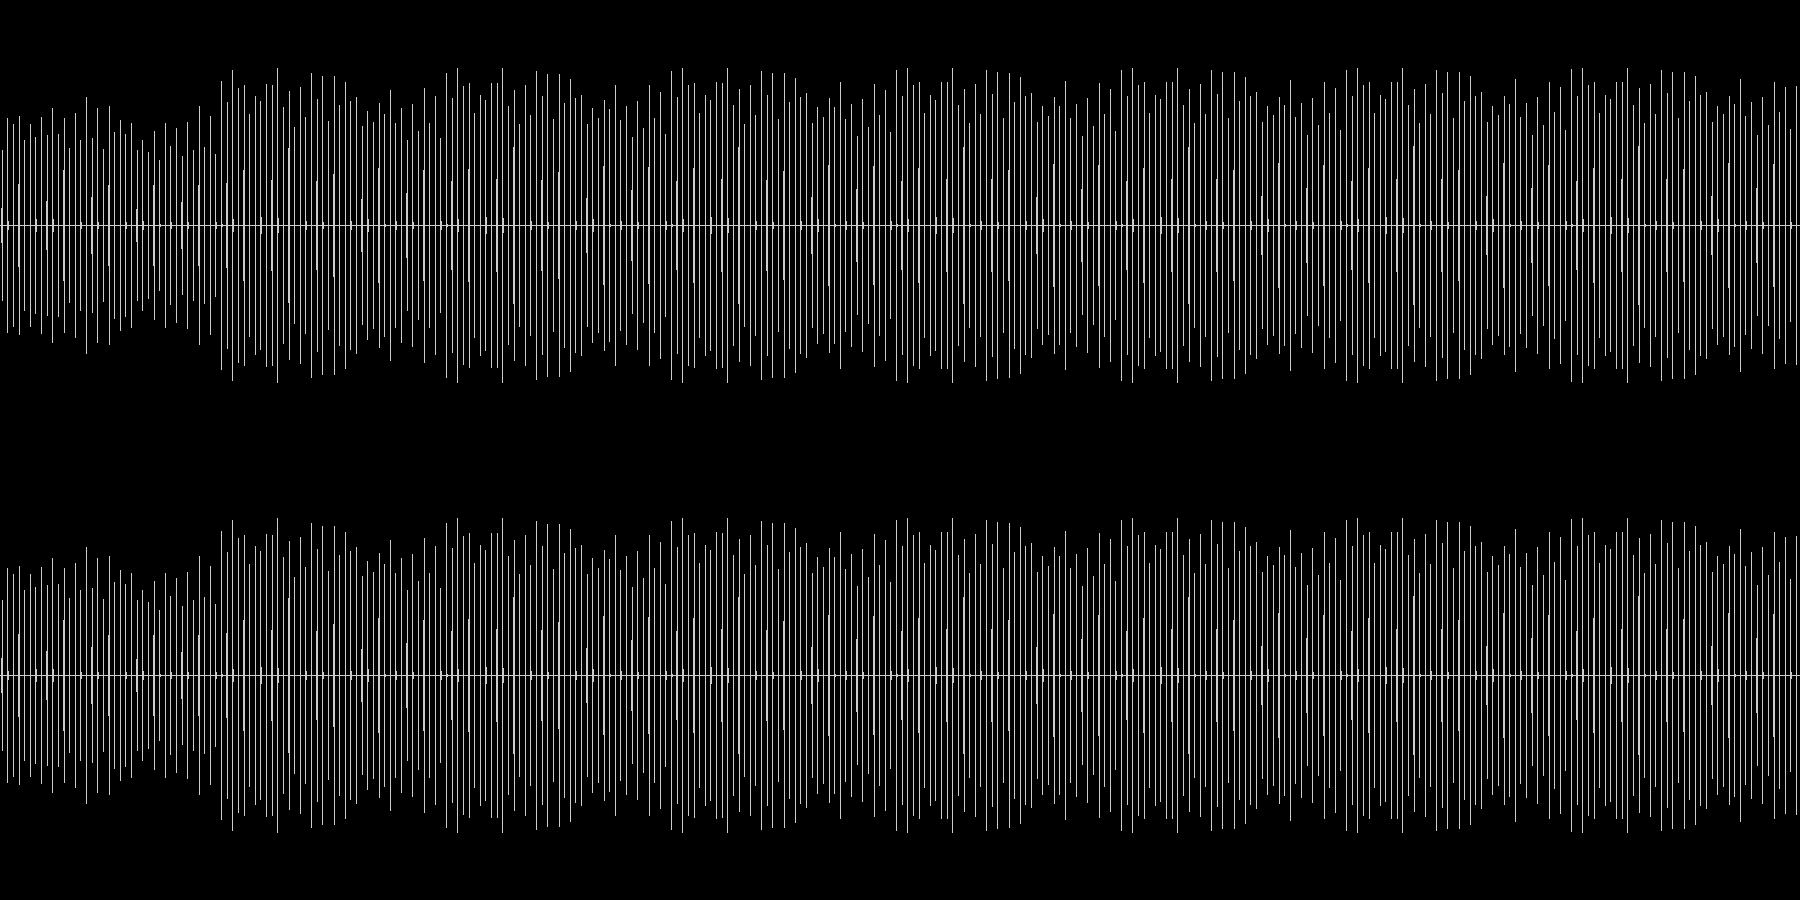 時計の音「チッチッチッチッチ・・・」の未再生の波形